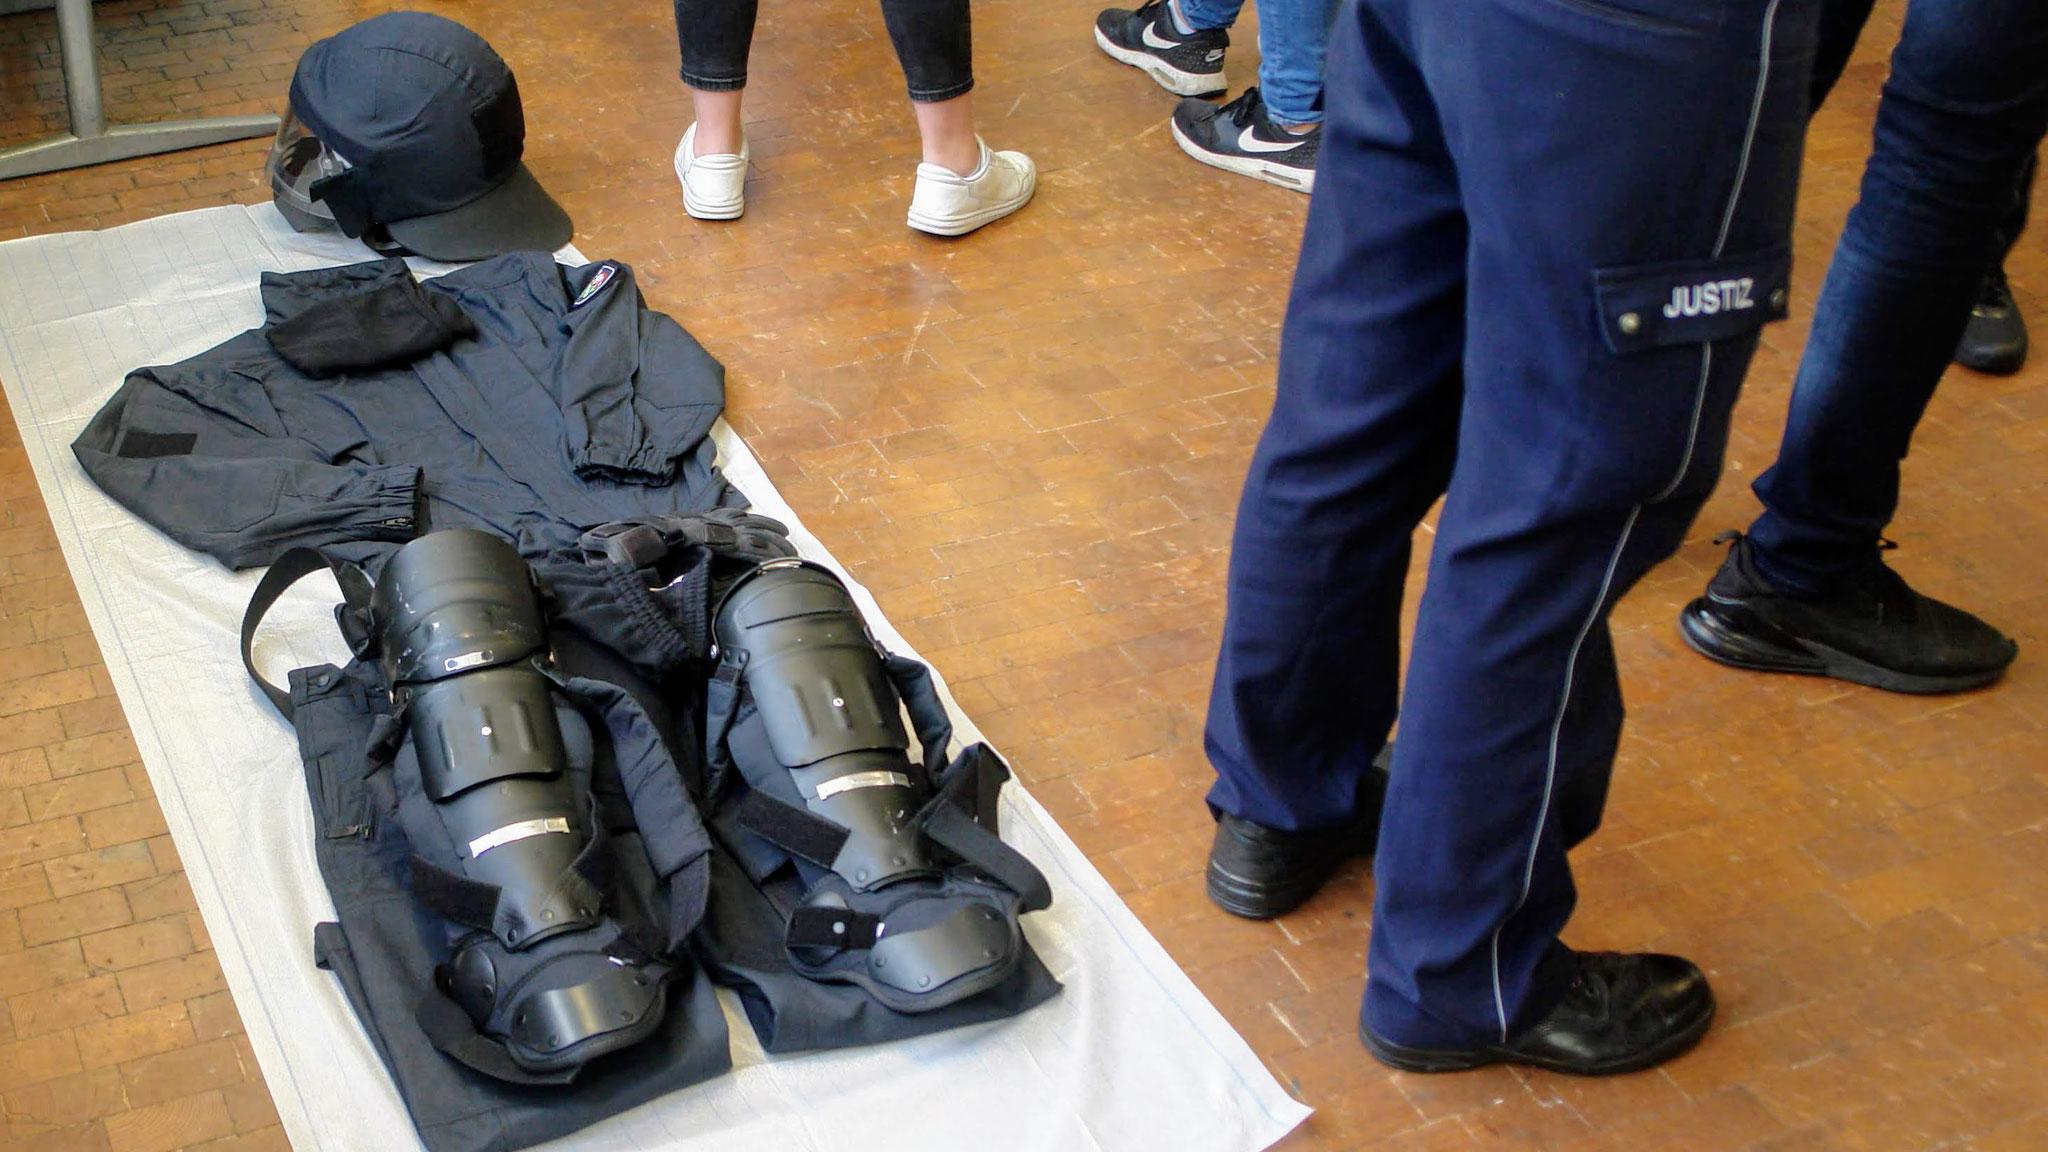 Schutzausrüstung eins Vollzugsbeamten